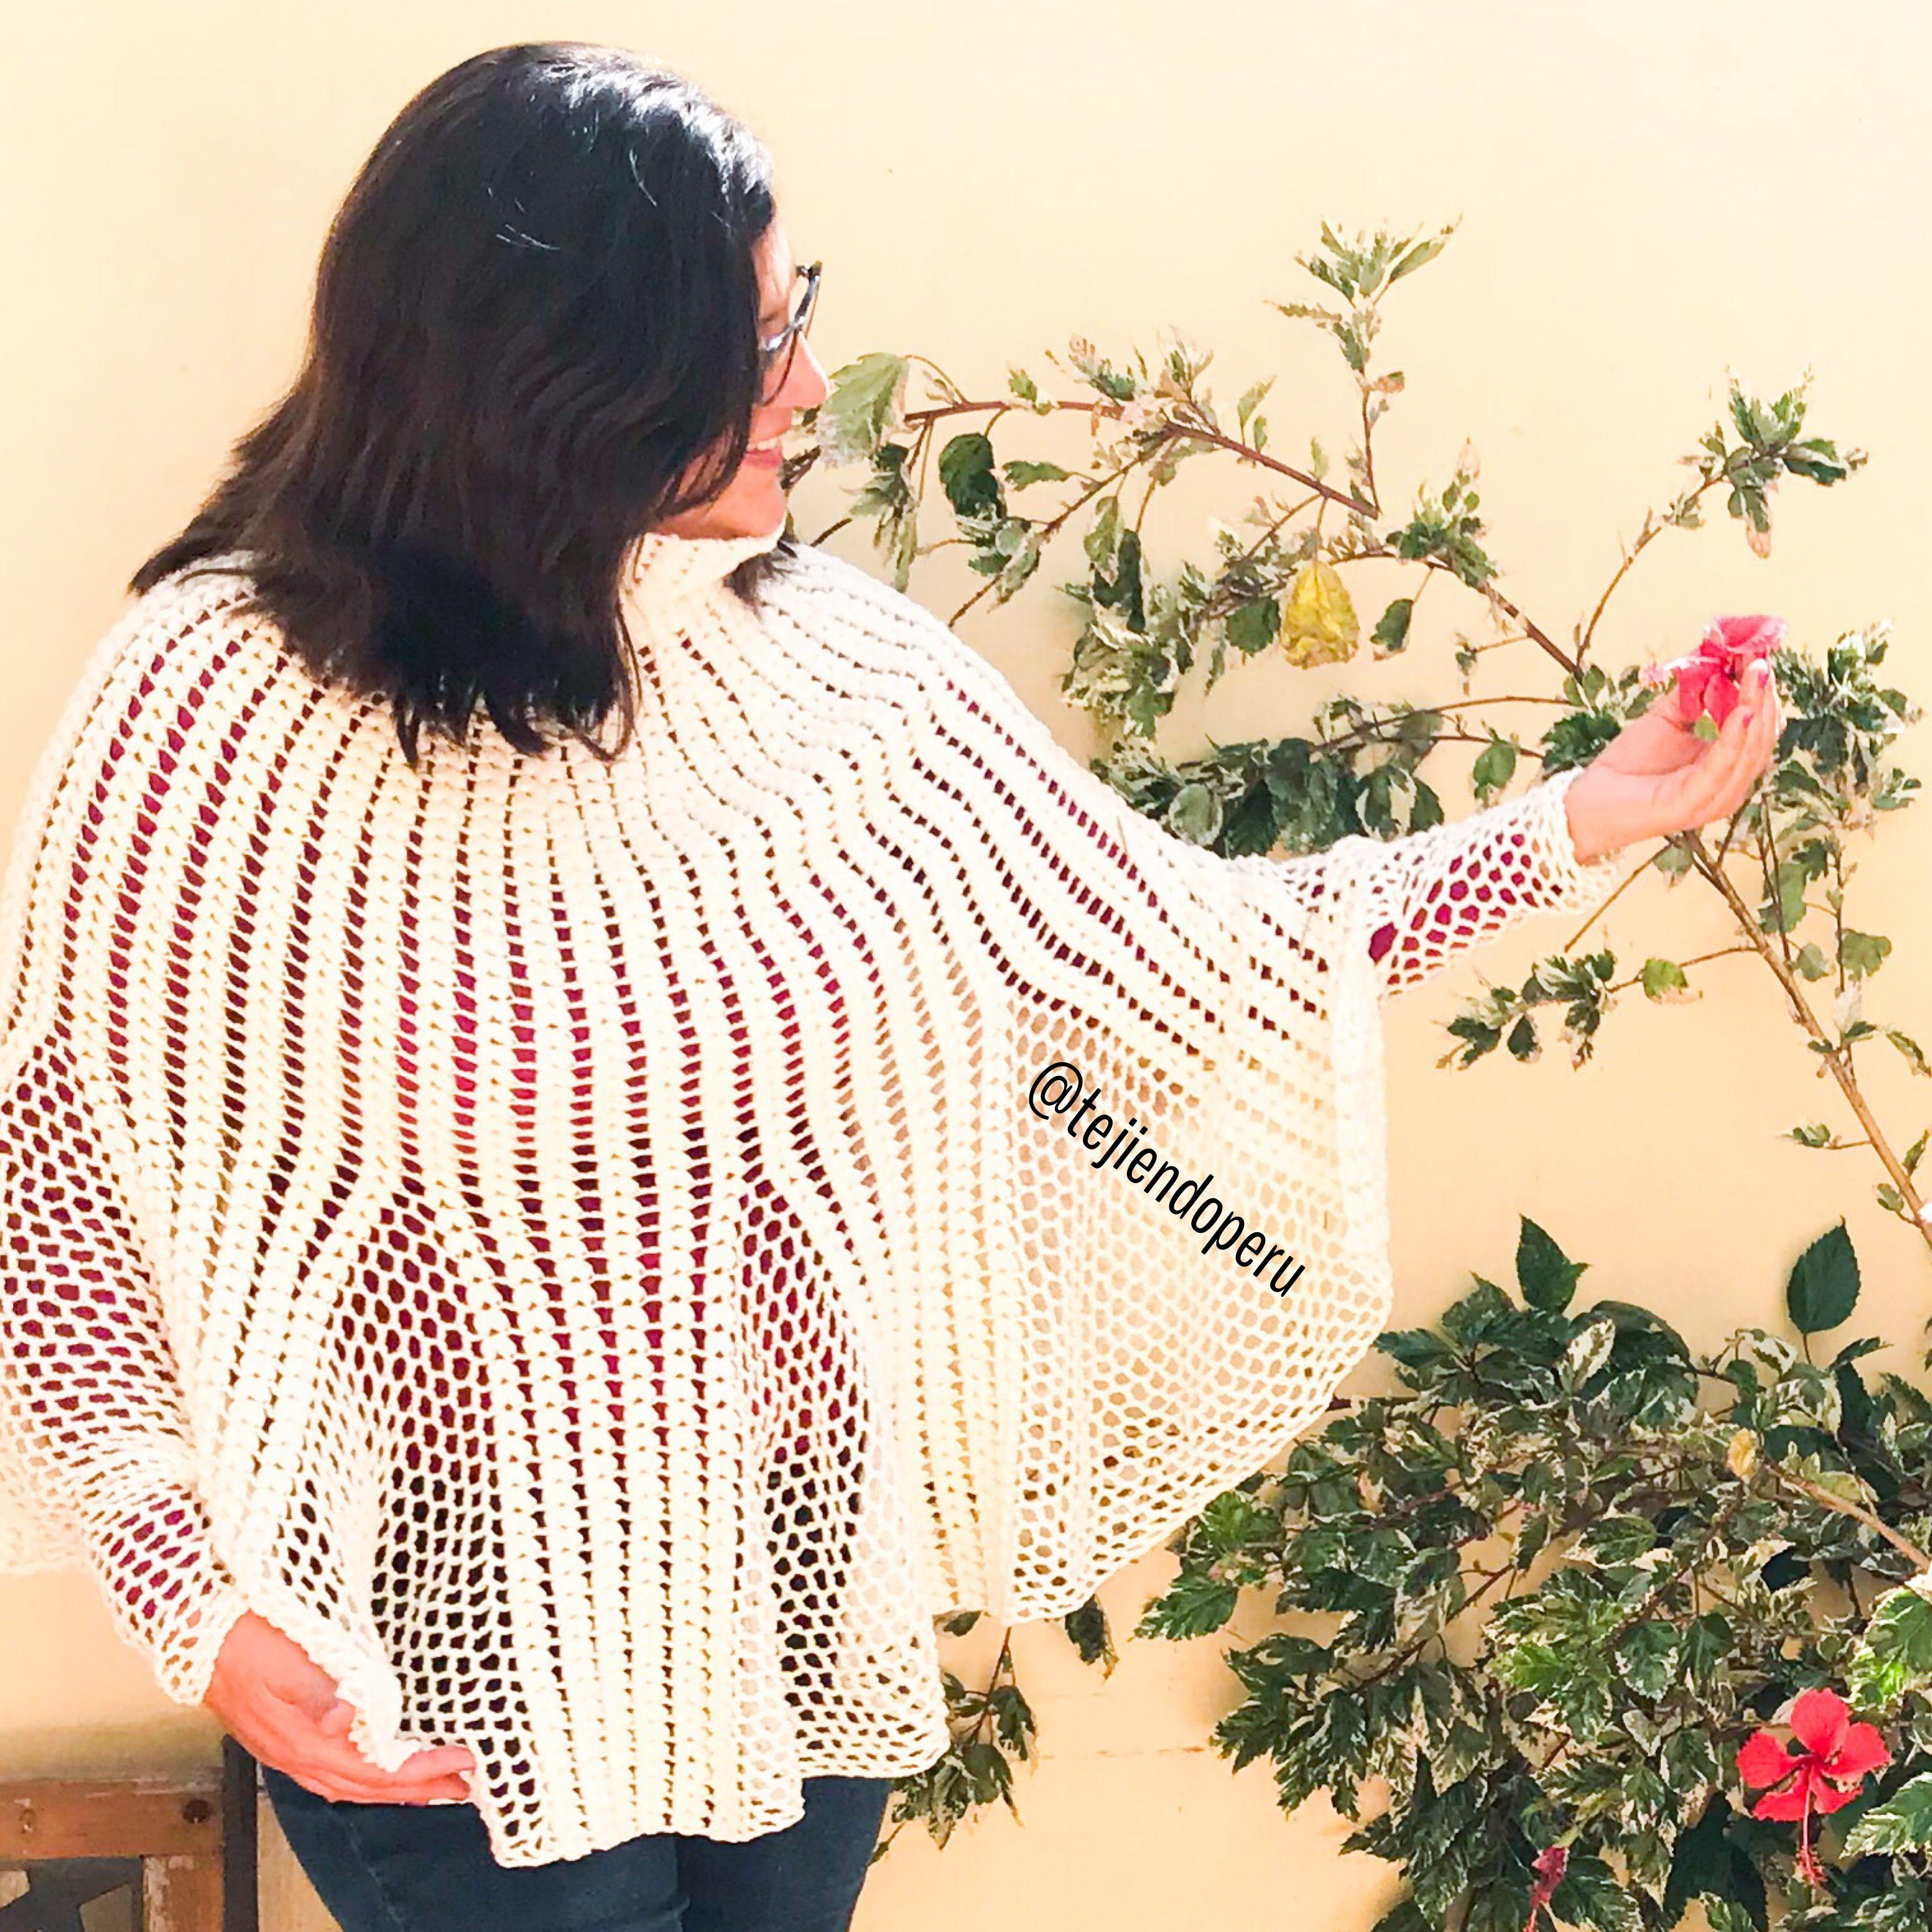 Poncho Con Mangas Y Cuello Alto Modelo Tulipán Tejido A Crochet Vídeo Tutorial Del Paso A Paso Poncho Con Mangas Croché Ganchillo